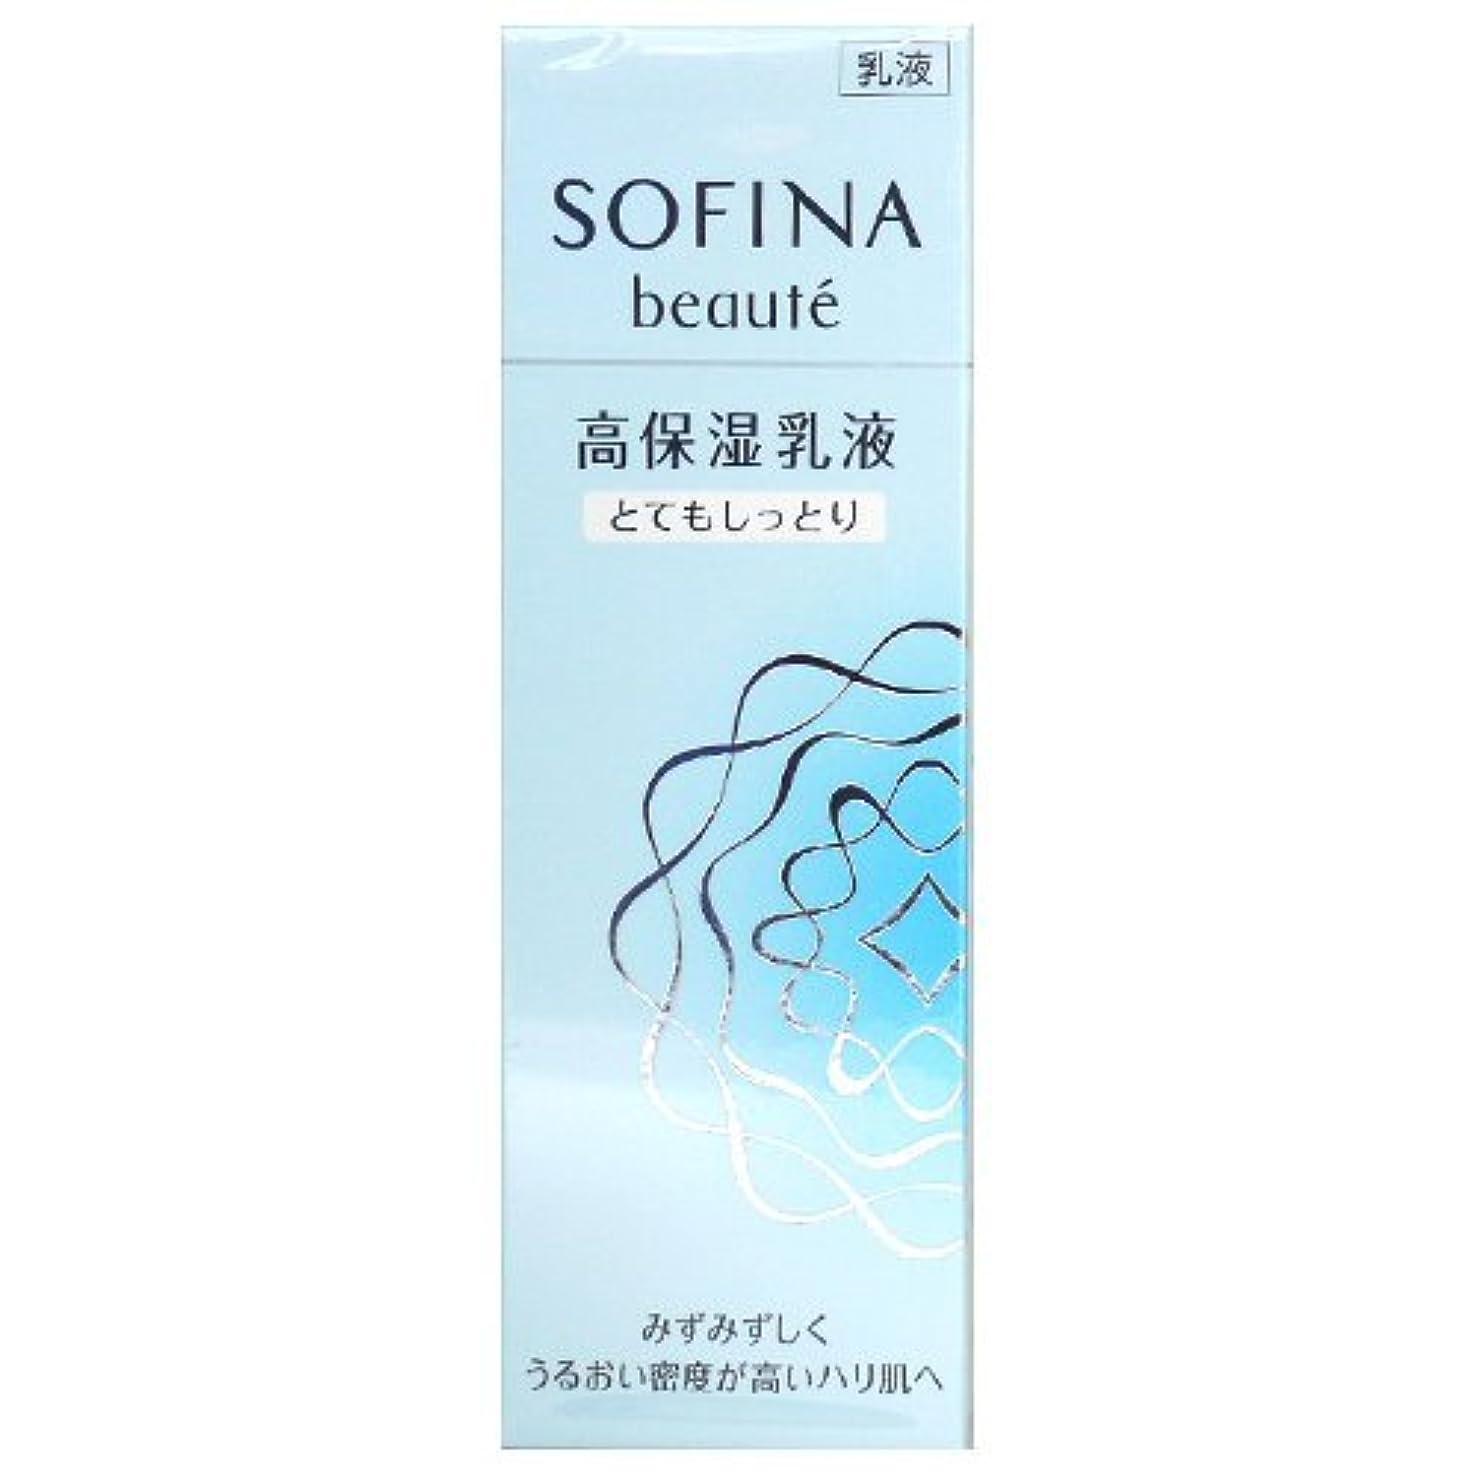 槍慢な神花王 ソフィーナ ボーテ SOFINA beaute 高保湿乳液 とてもしっとり 60g [並行輸入品]